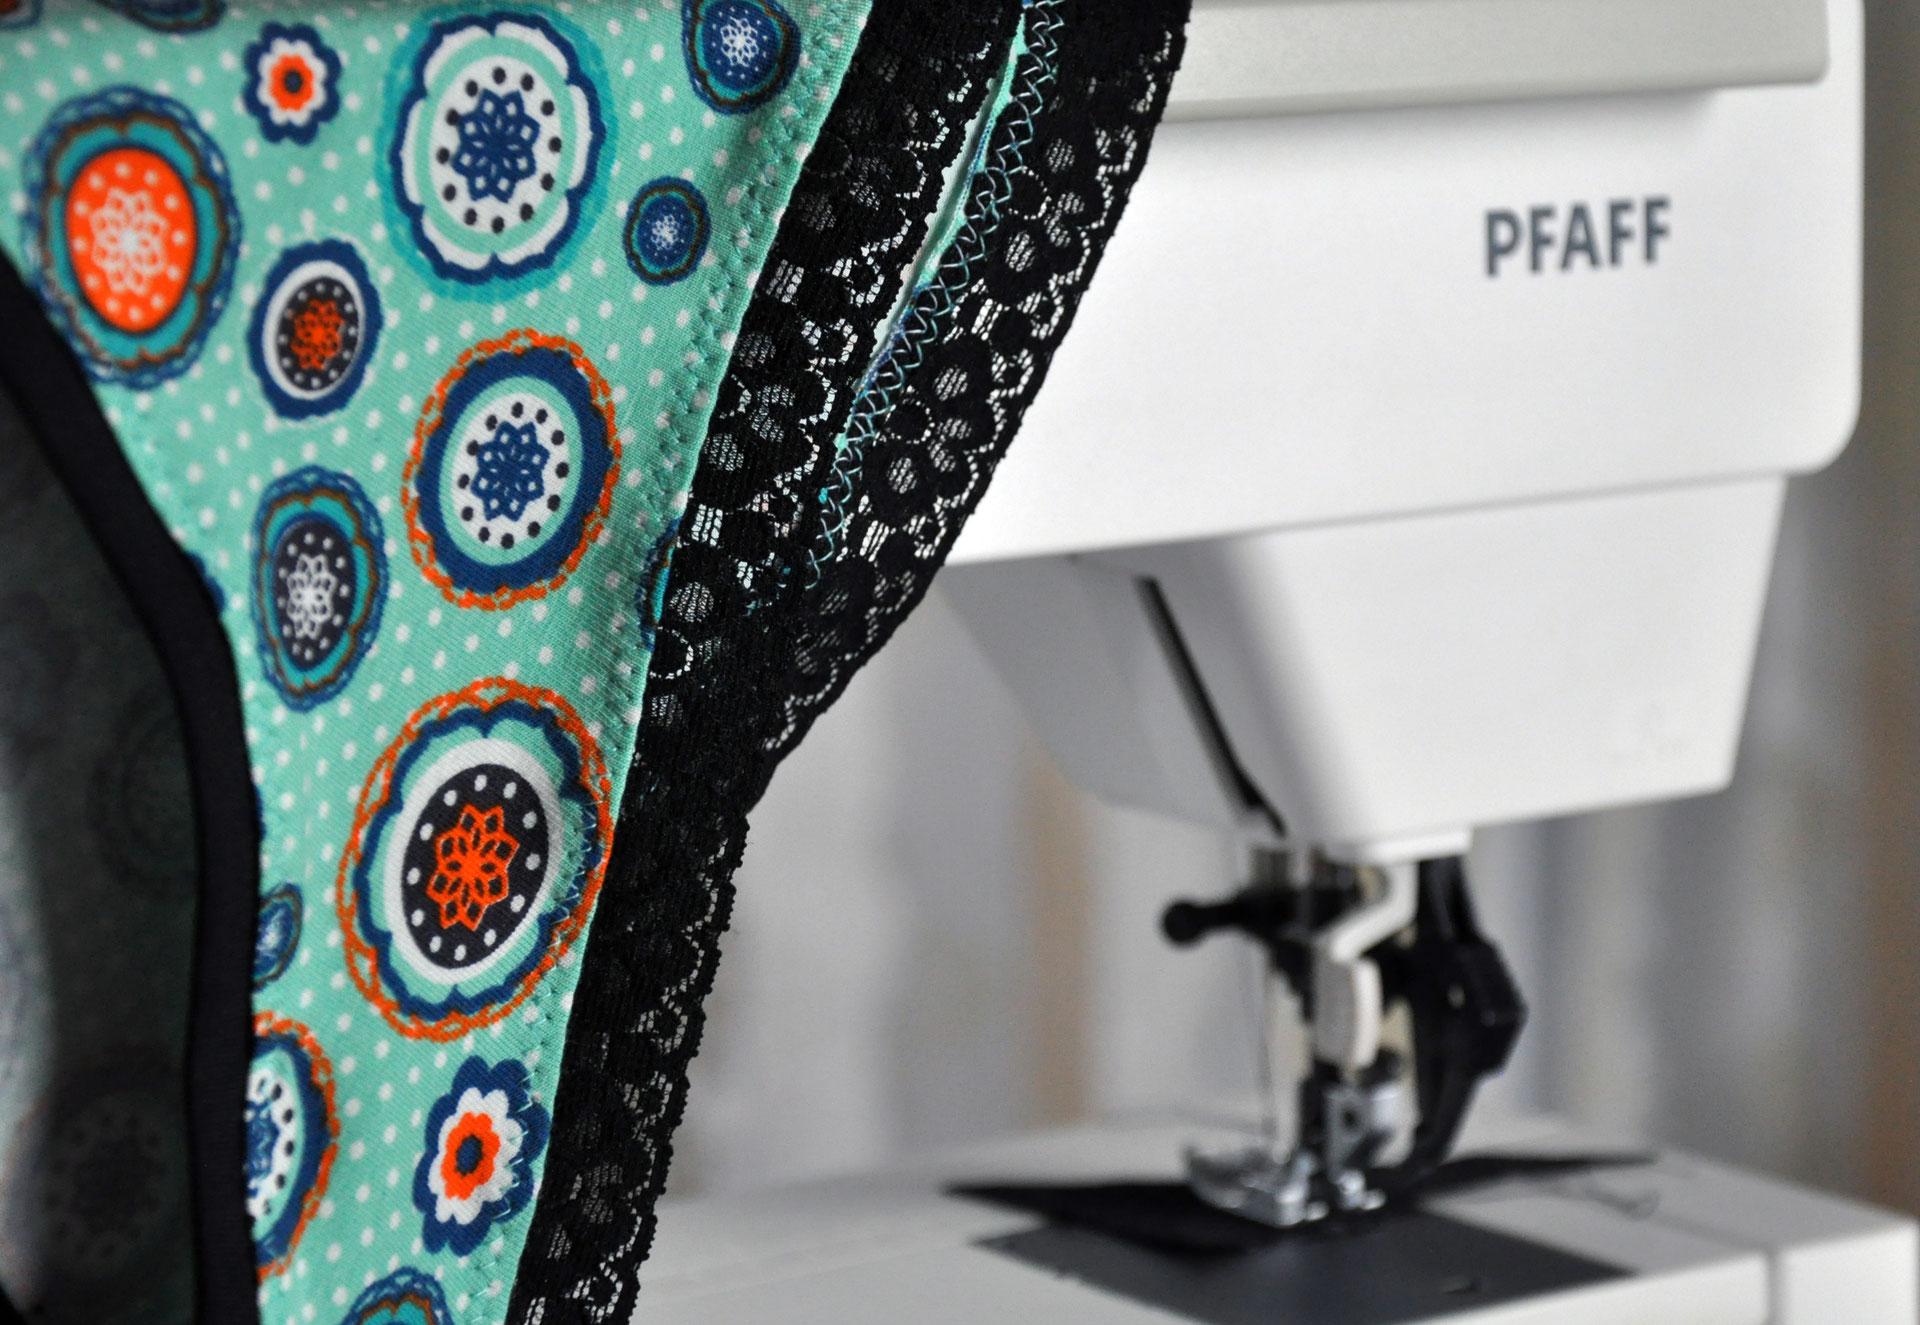 Schöne Wäsche nähen - DIY-Fashion, Modeblog und Nähblog ...